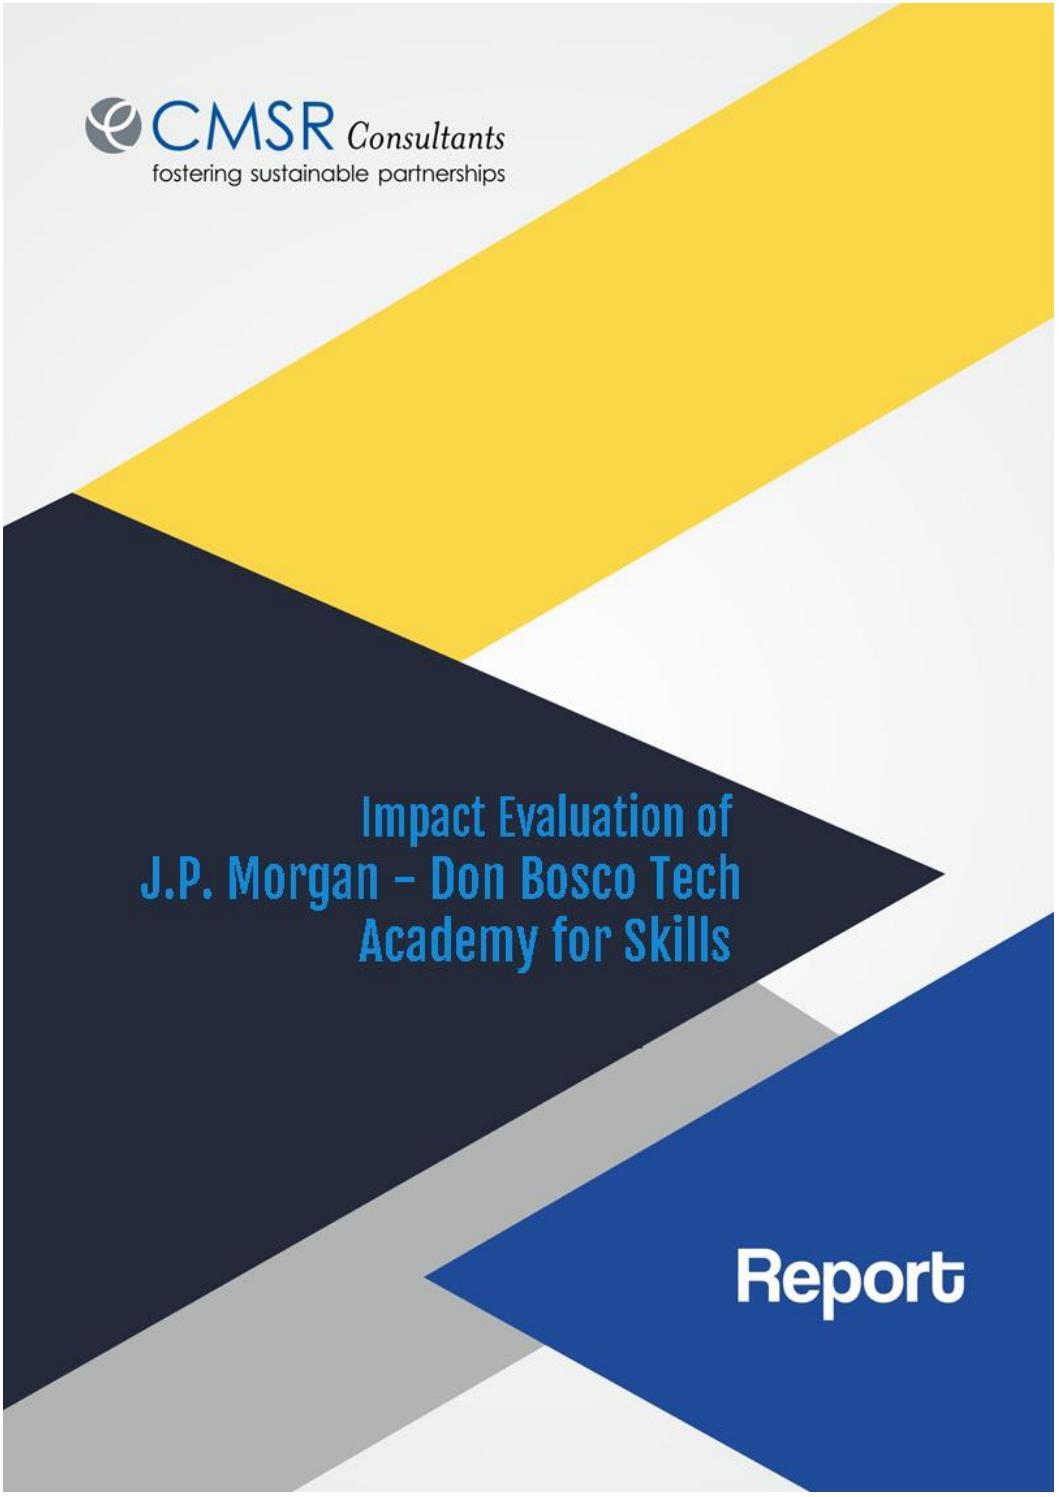 Impact Evaluation of JP Morgan - Don Bosco Tech Academy of